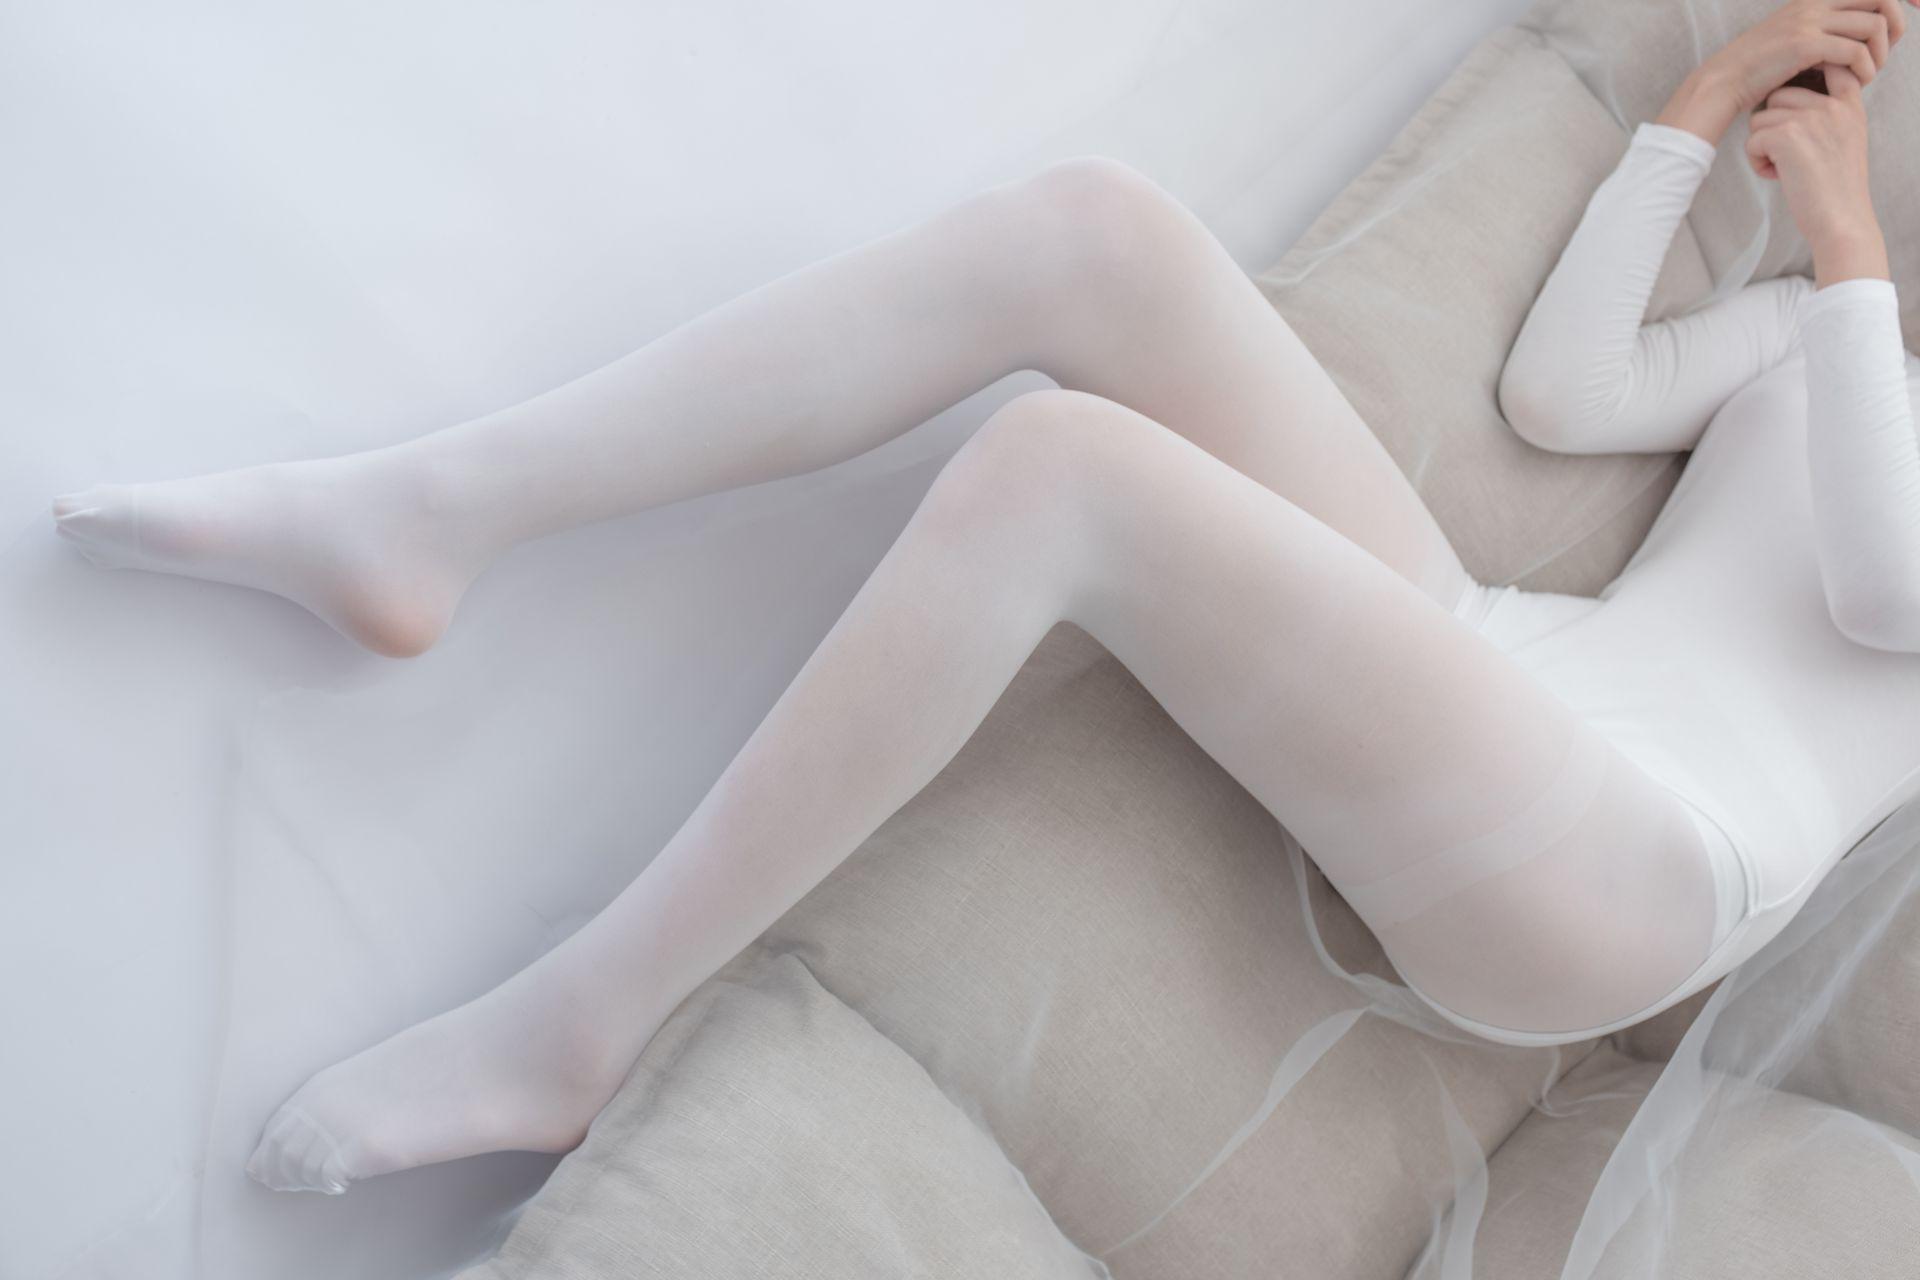 【森萝财团】爱花写真-ALPHA-007 纯白的诱惑 白丝裸足 [156P-1.42GB] 森萝财团 第4张